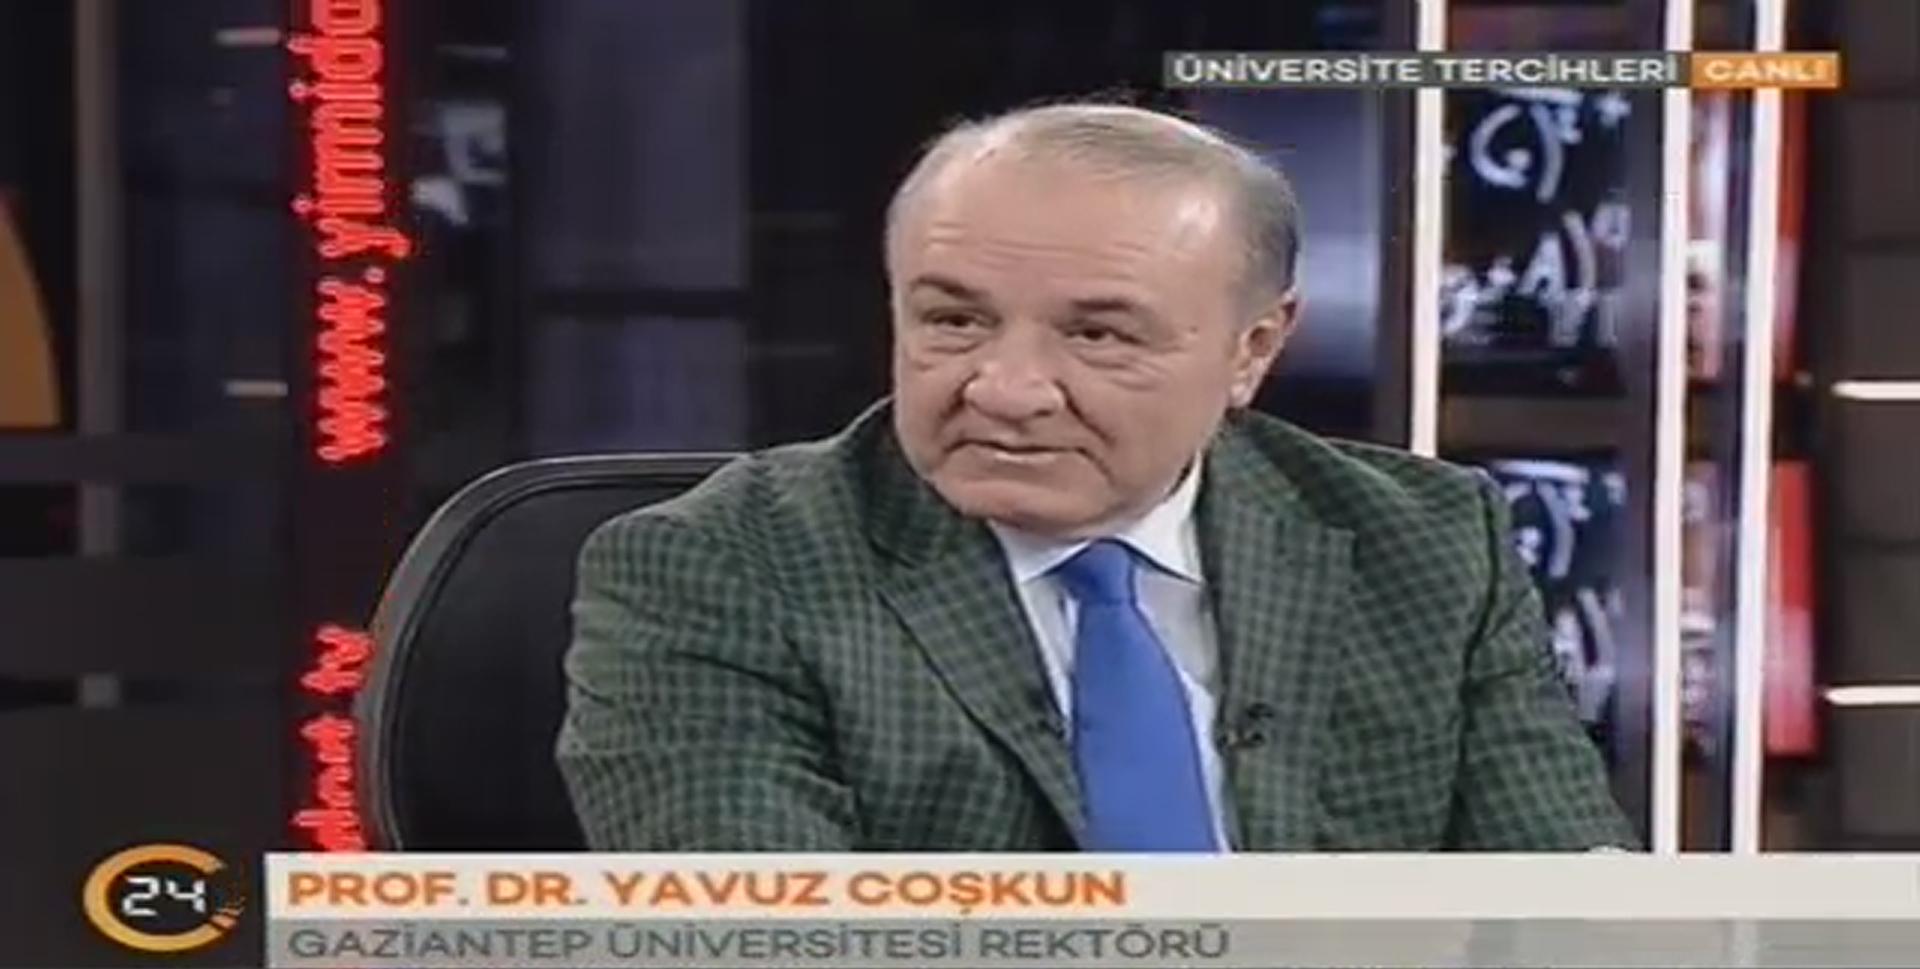 Kanal24 TV - Rektör Gaziantep Üniversitesini Anlatıyor_